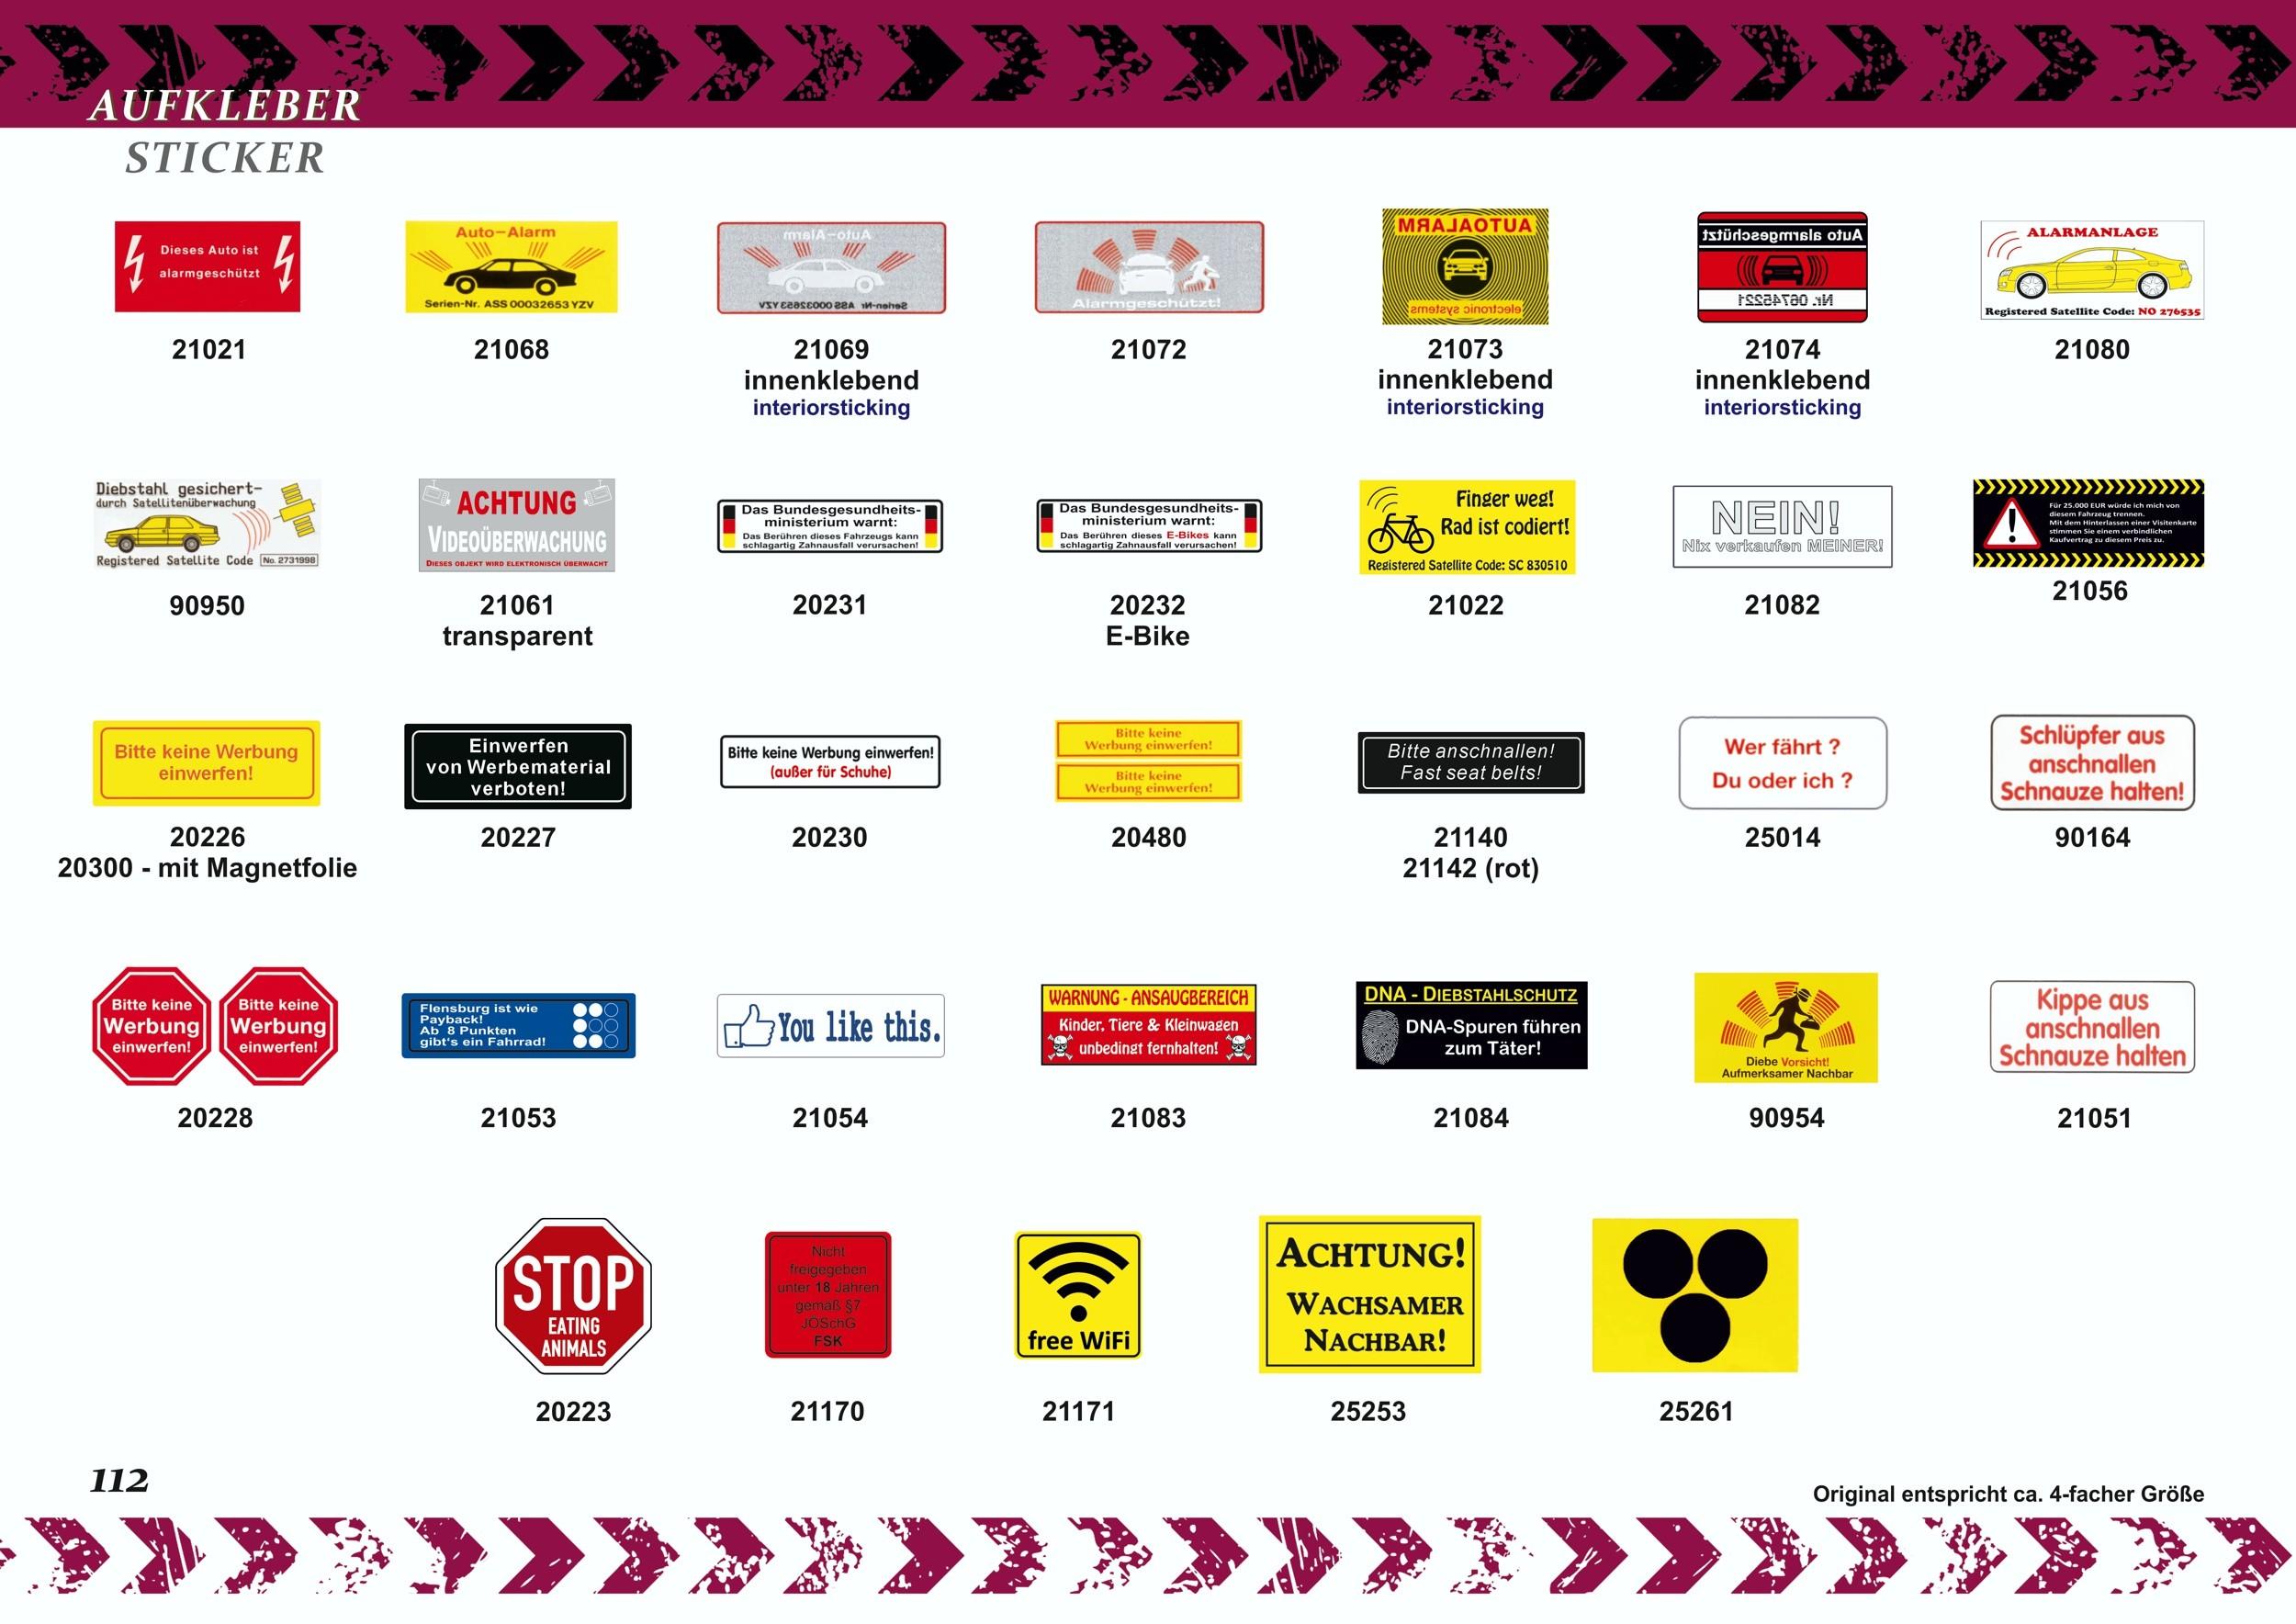 Aufkleber Bitte keine Werbung einwerfen! mit Magnetfolie – Bild 4